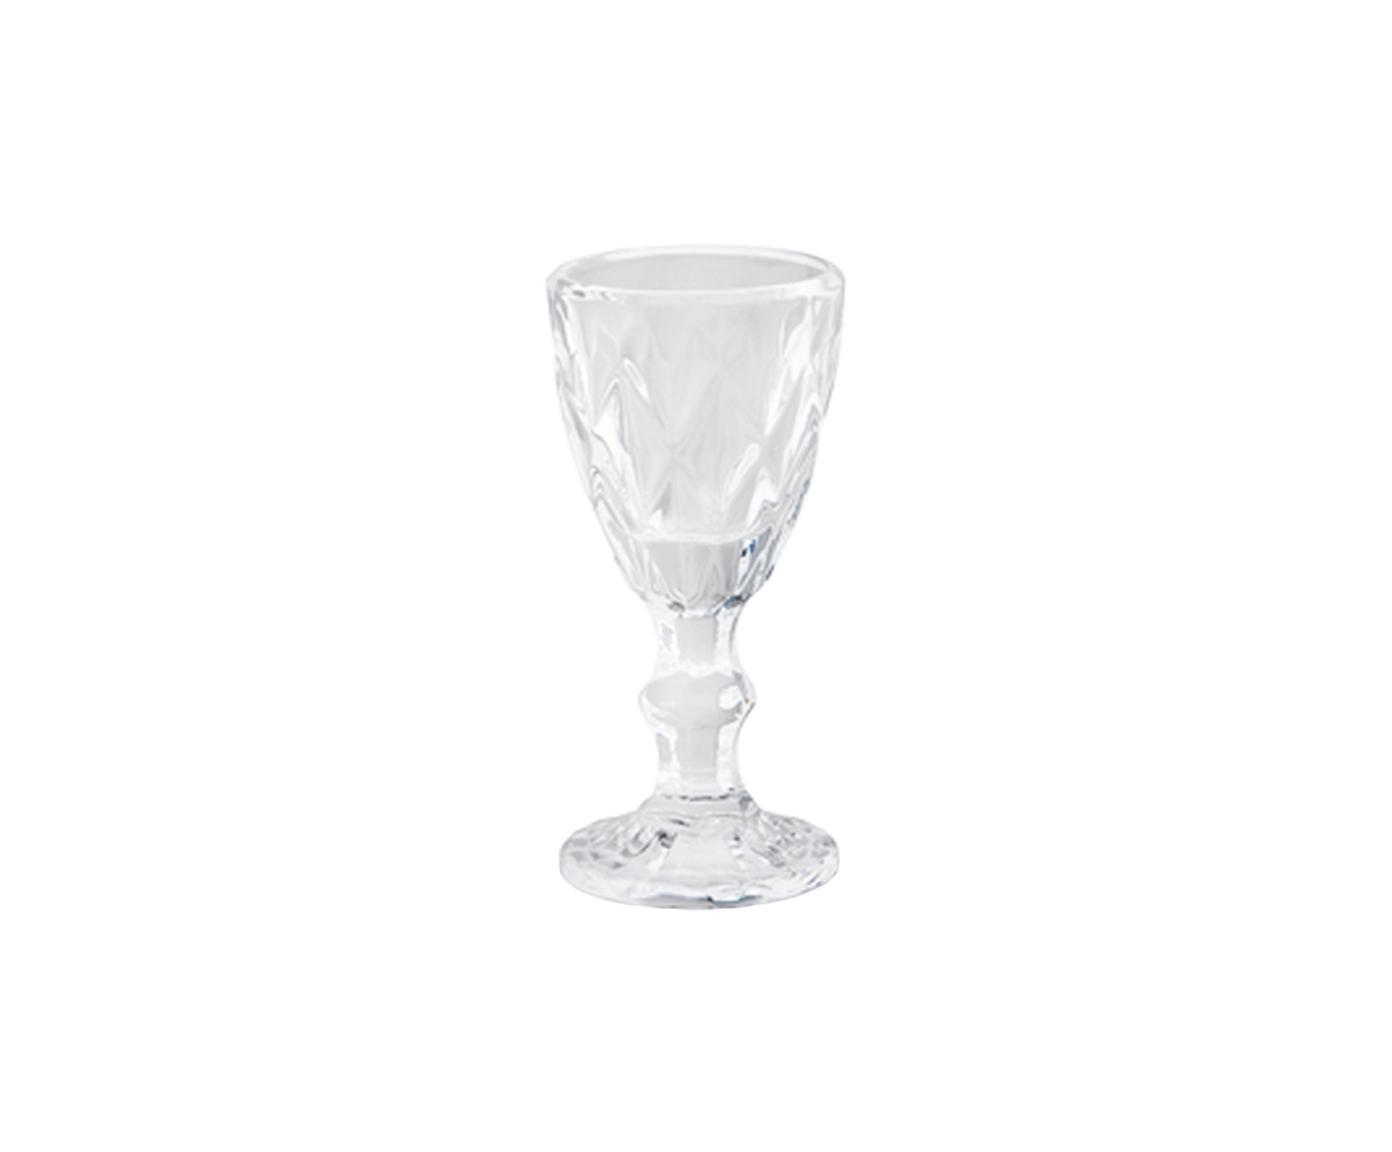 Copas licor de cristal Prisma, 6uds., Vidrio, Transparente, Ø 5 x Al 11 cm